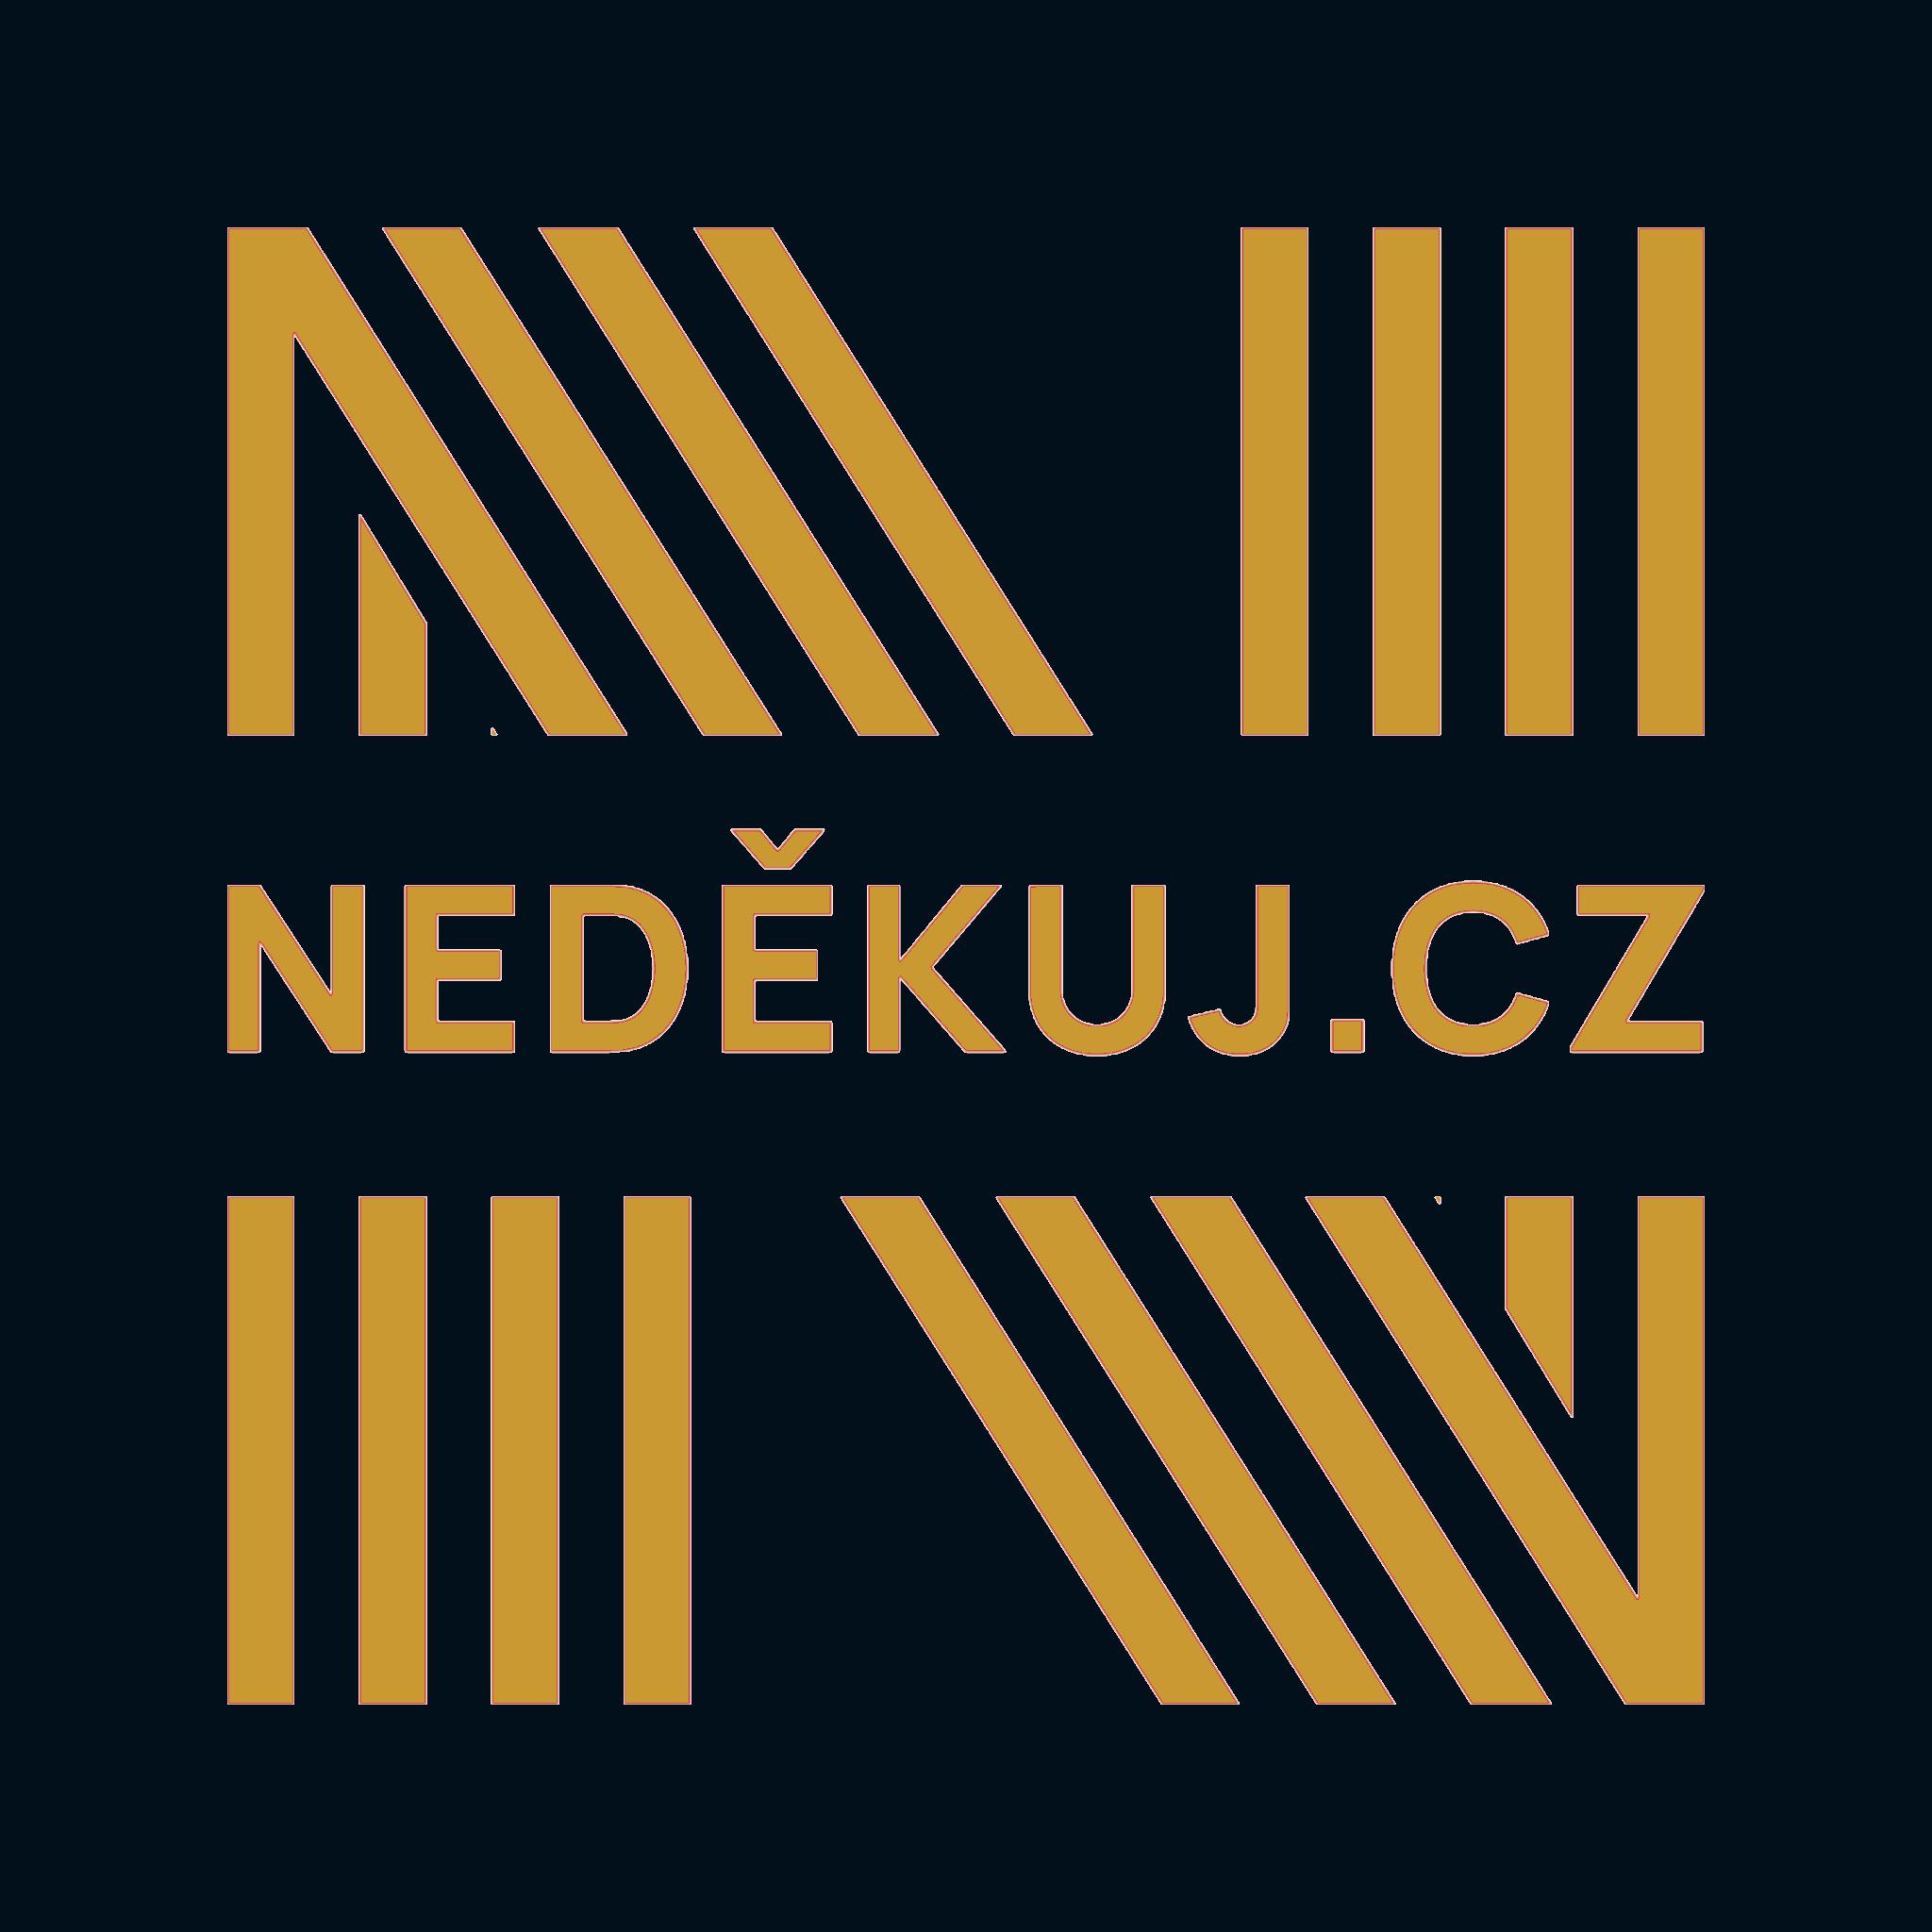 Show artwork for Neděkuj.cz